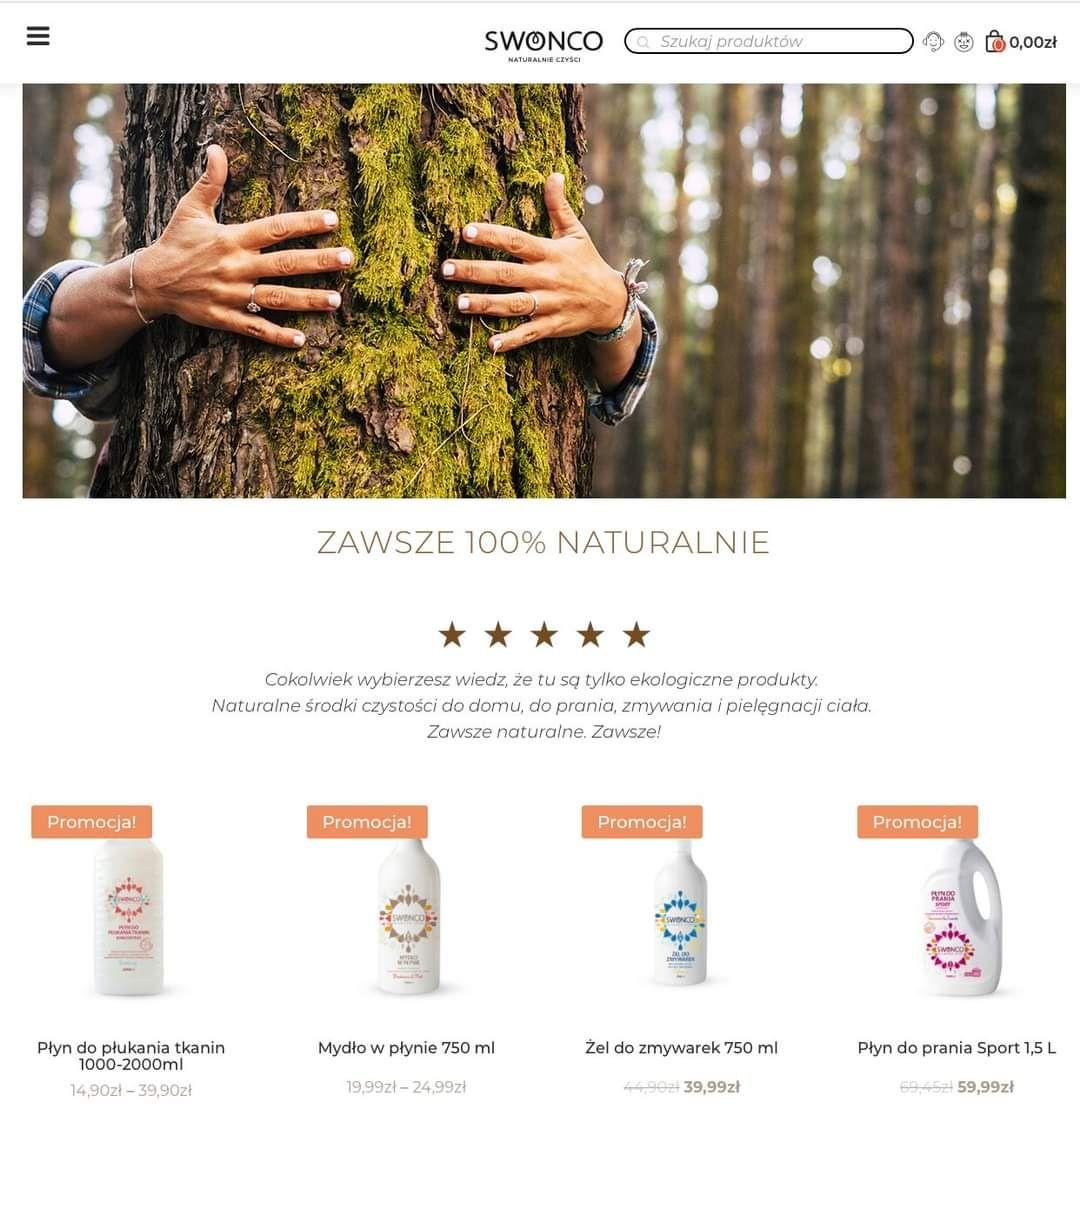 www.swonco.pl Kod rabatowy + przecenione produkty